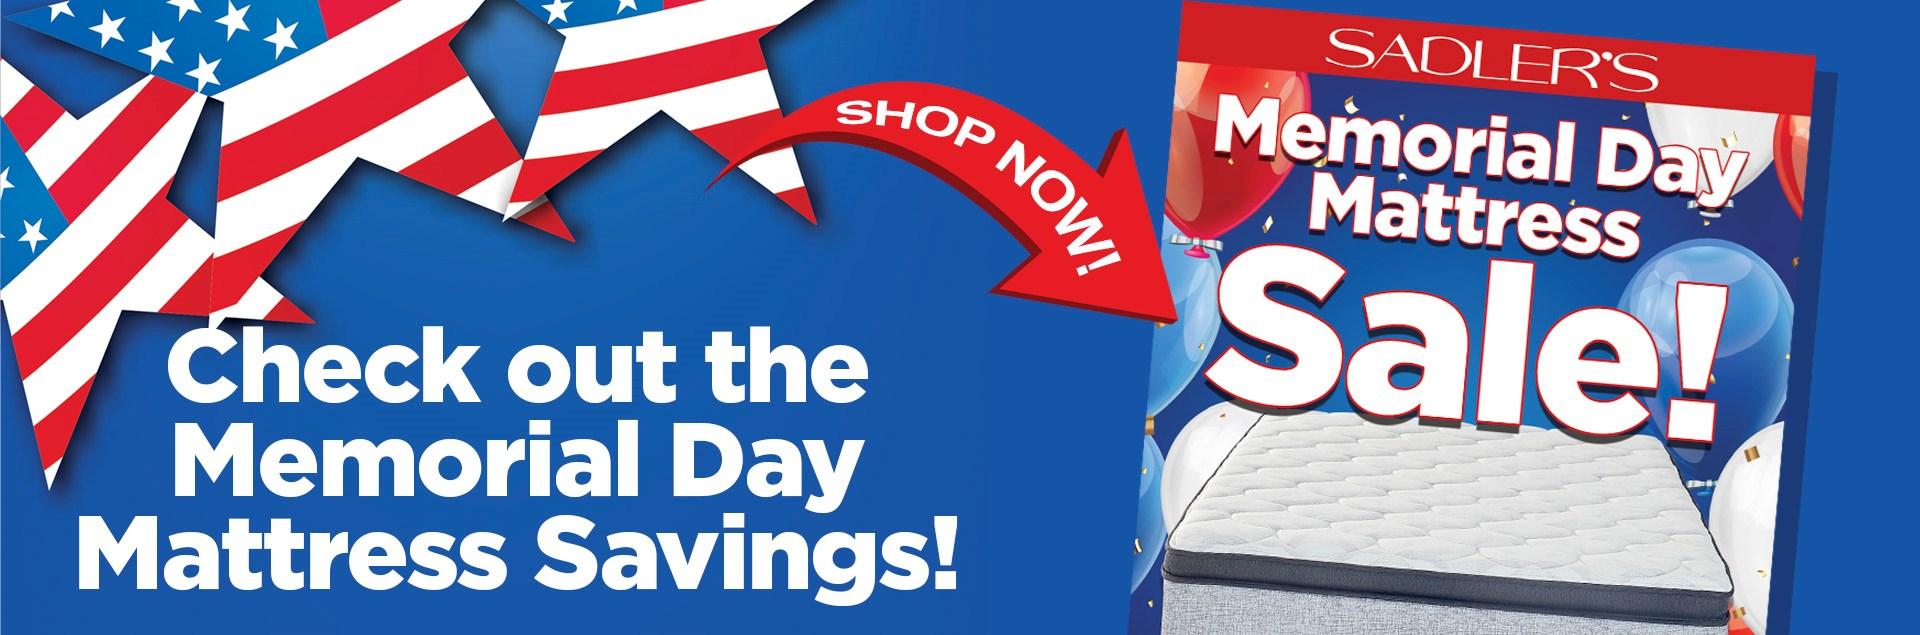 Sadlers Memorial Mattress Sale